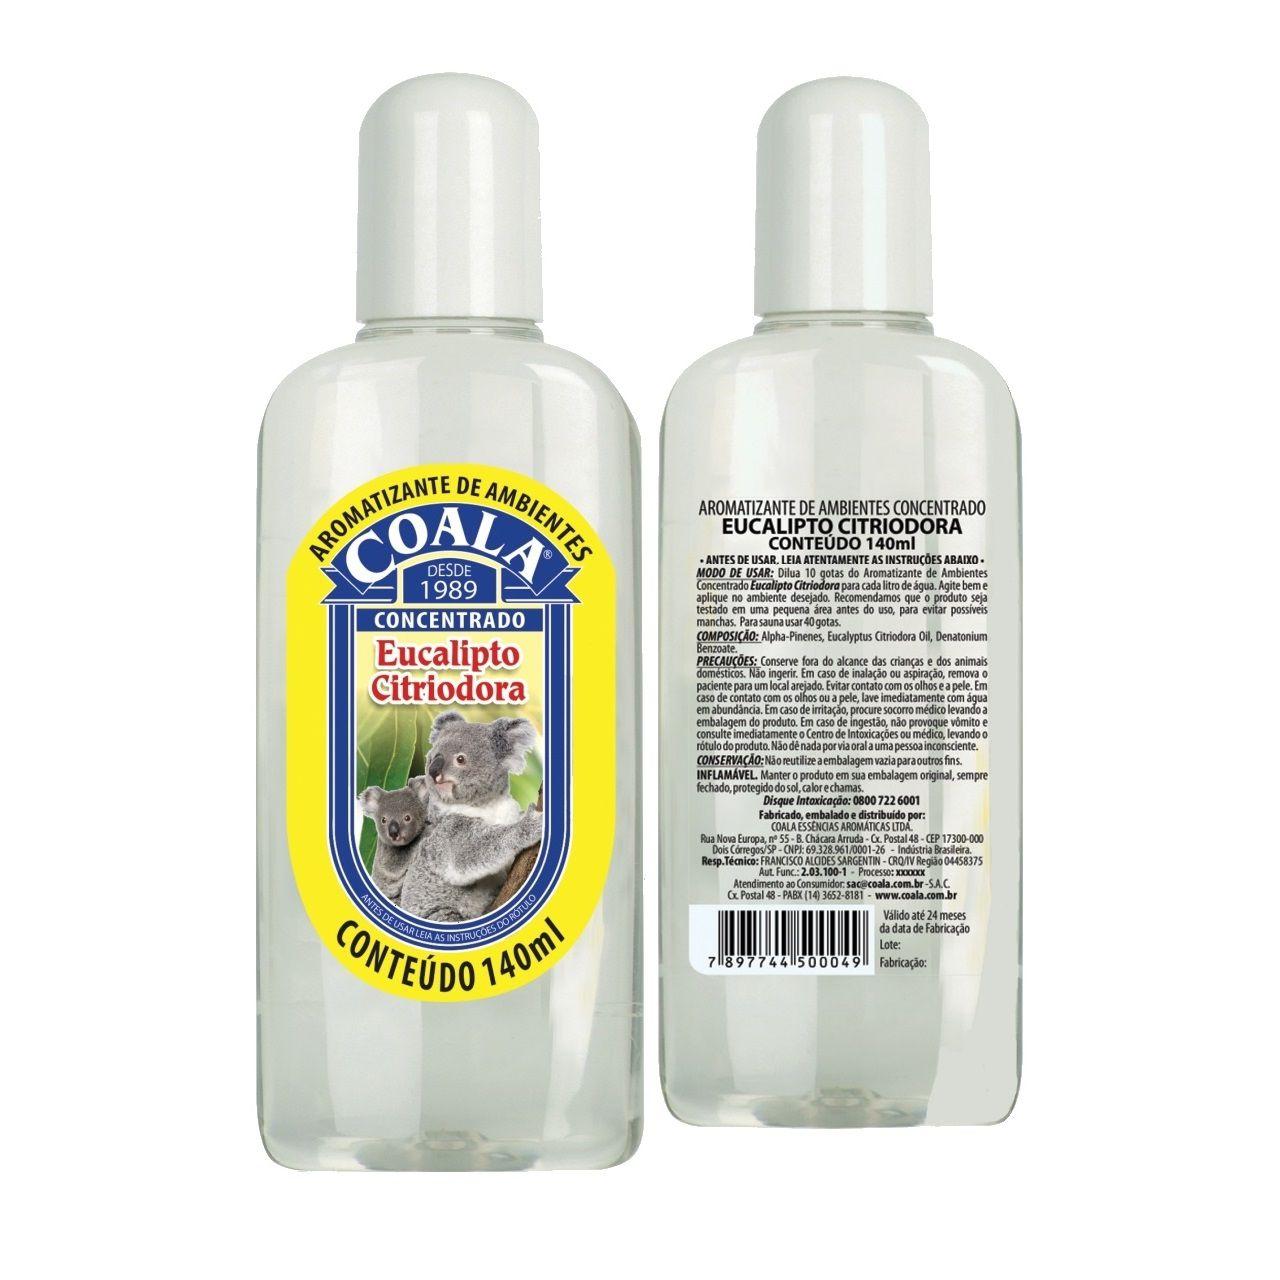 Essência de Eucalipto Citriodora para Sauna Coala 120 ml